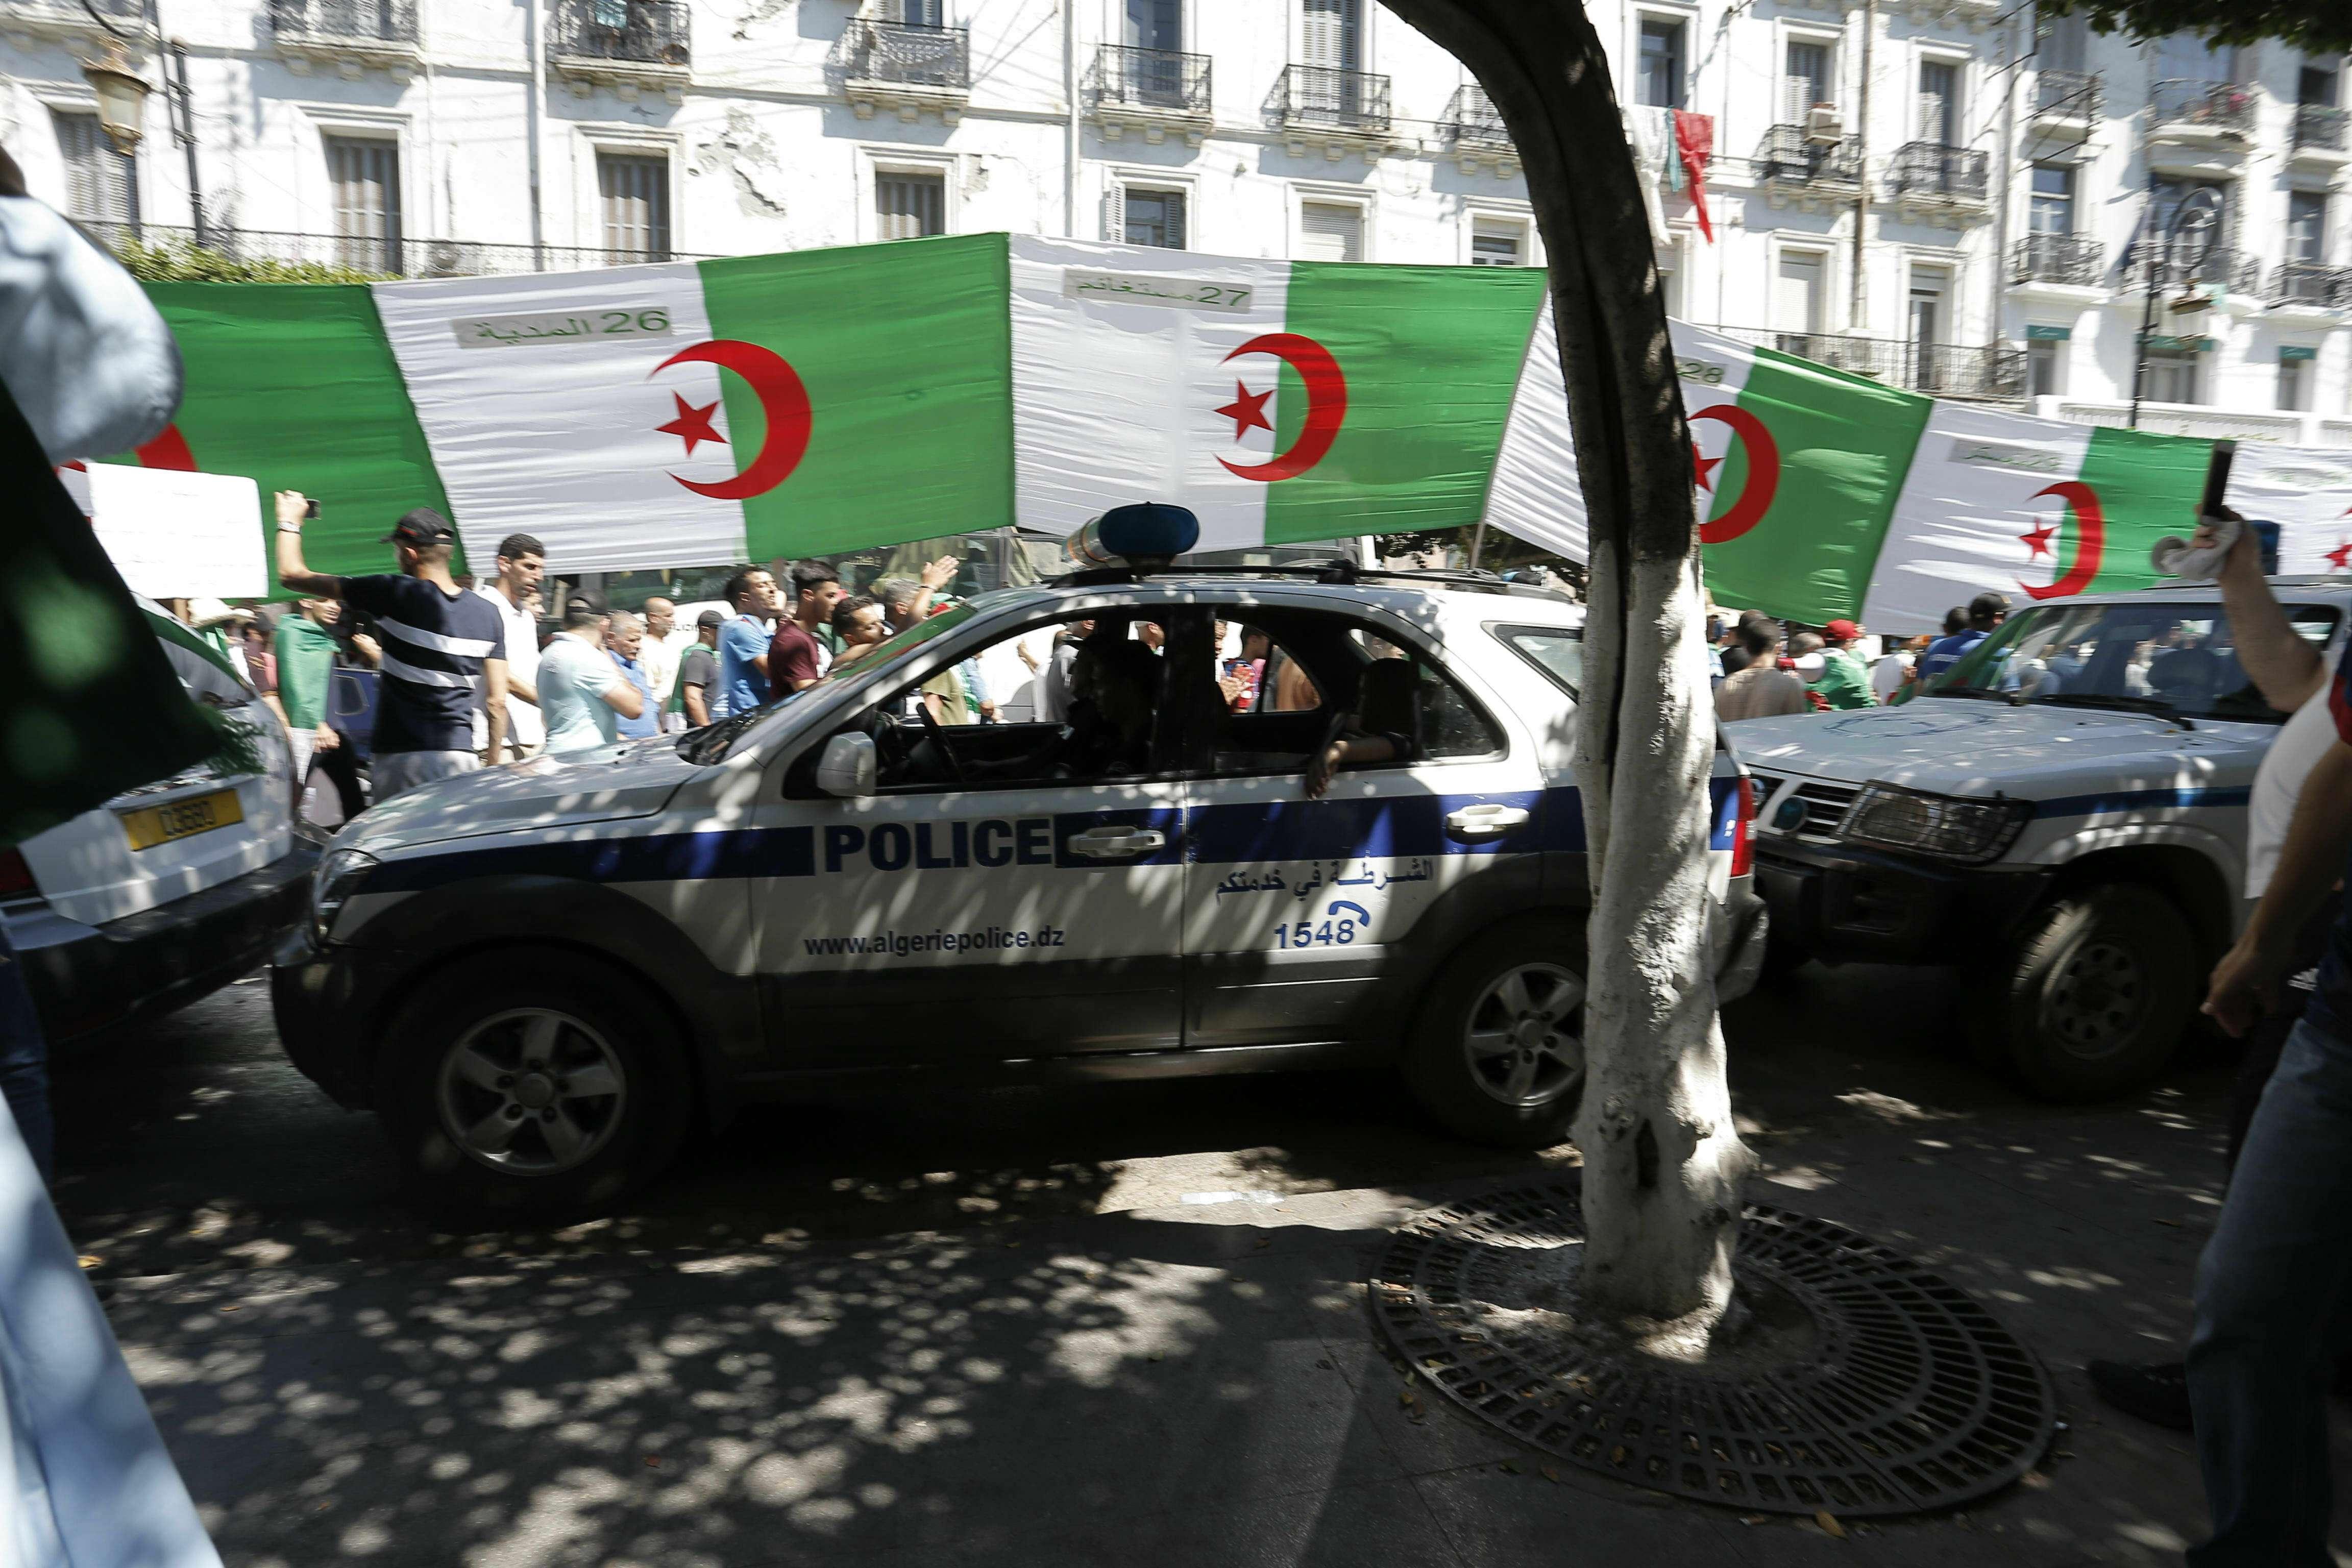 Des manifestants canalisés par des voitures de police, vendredi 28 juin 2019 à Alger.